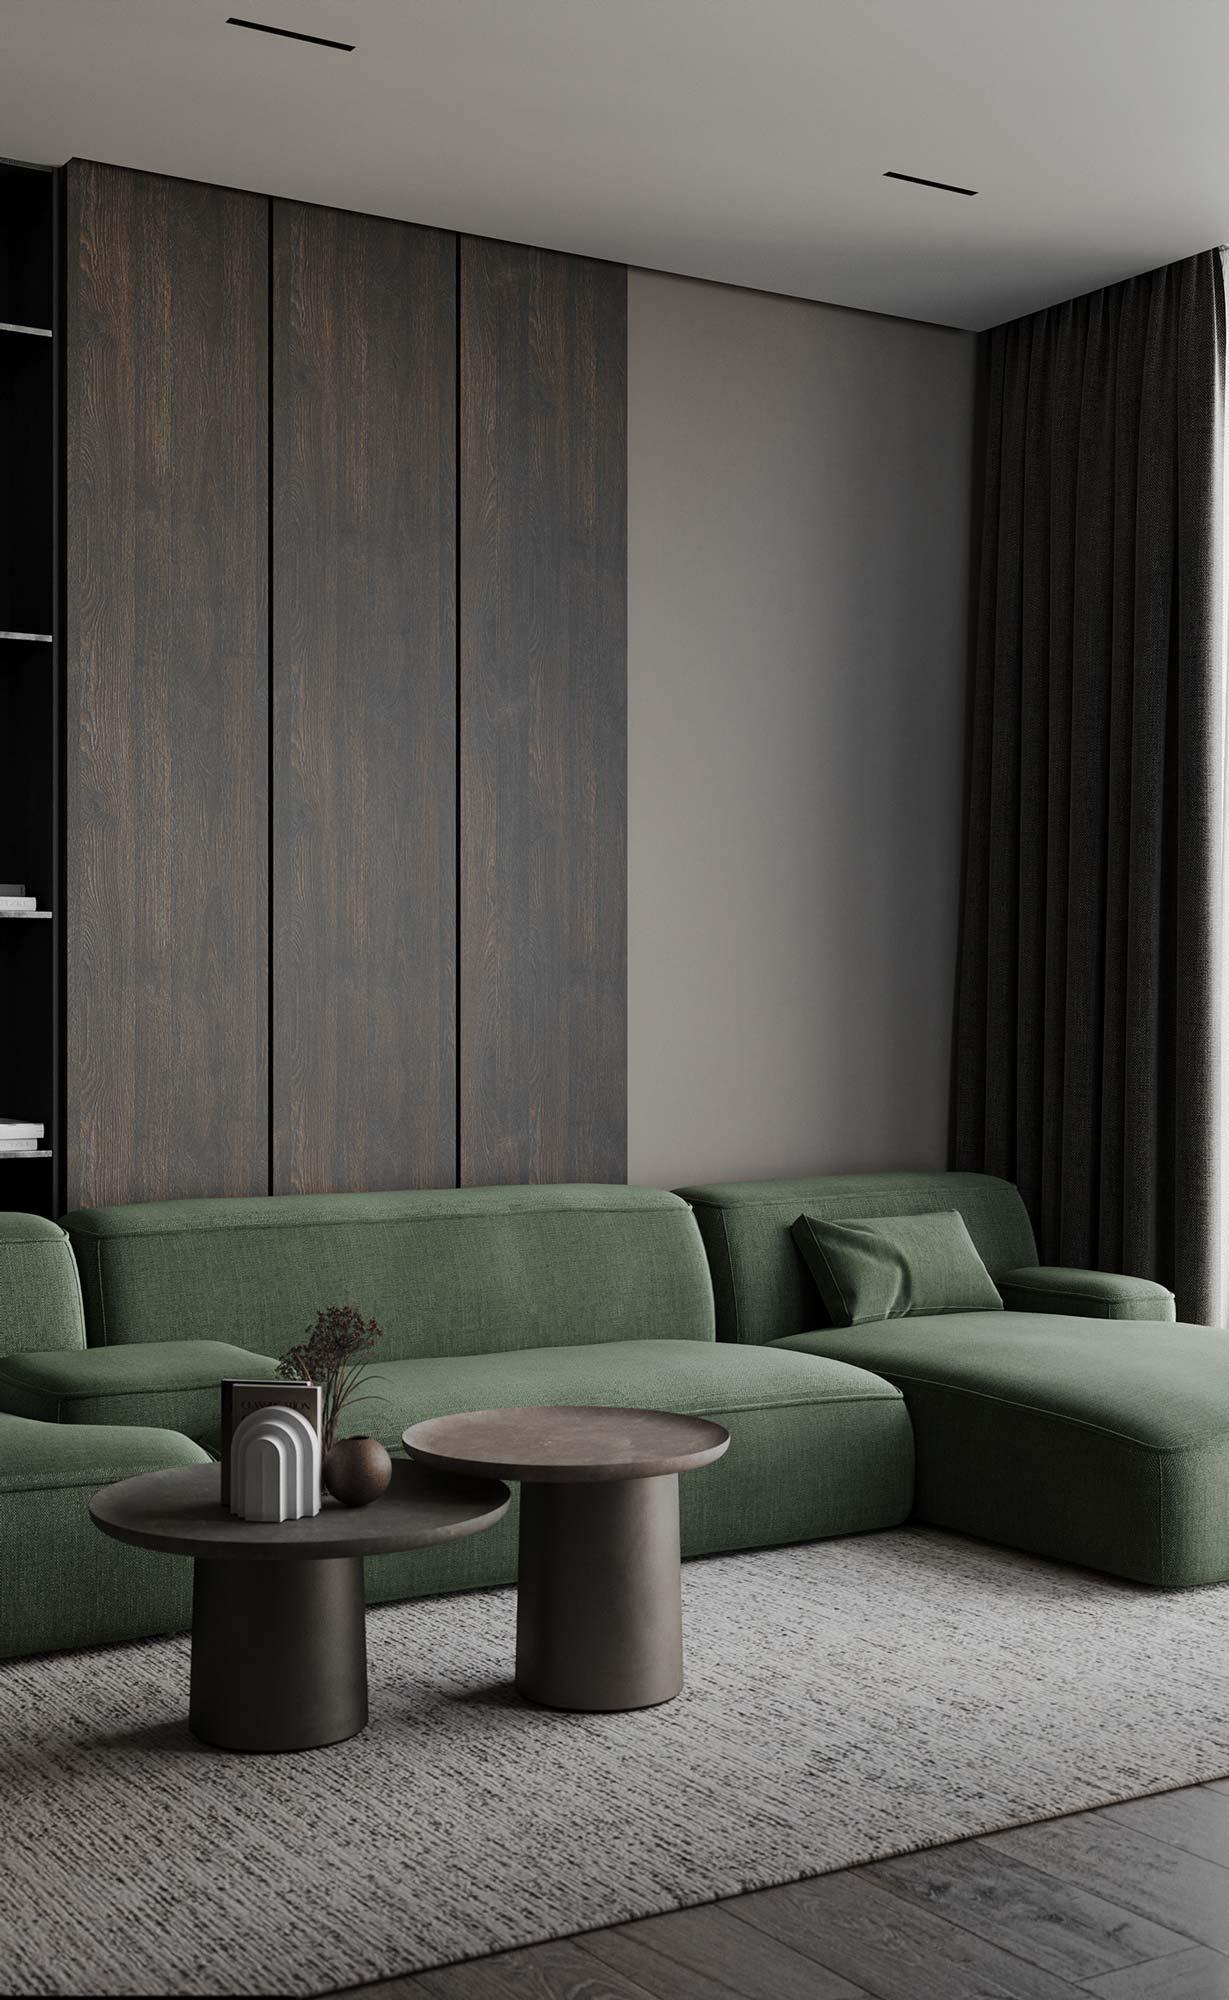 Un canapé en tissu kaki design